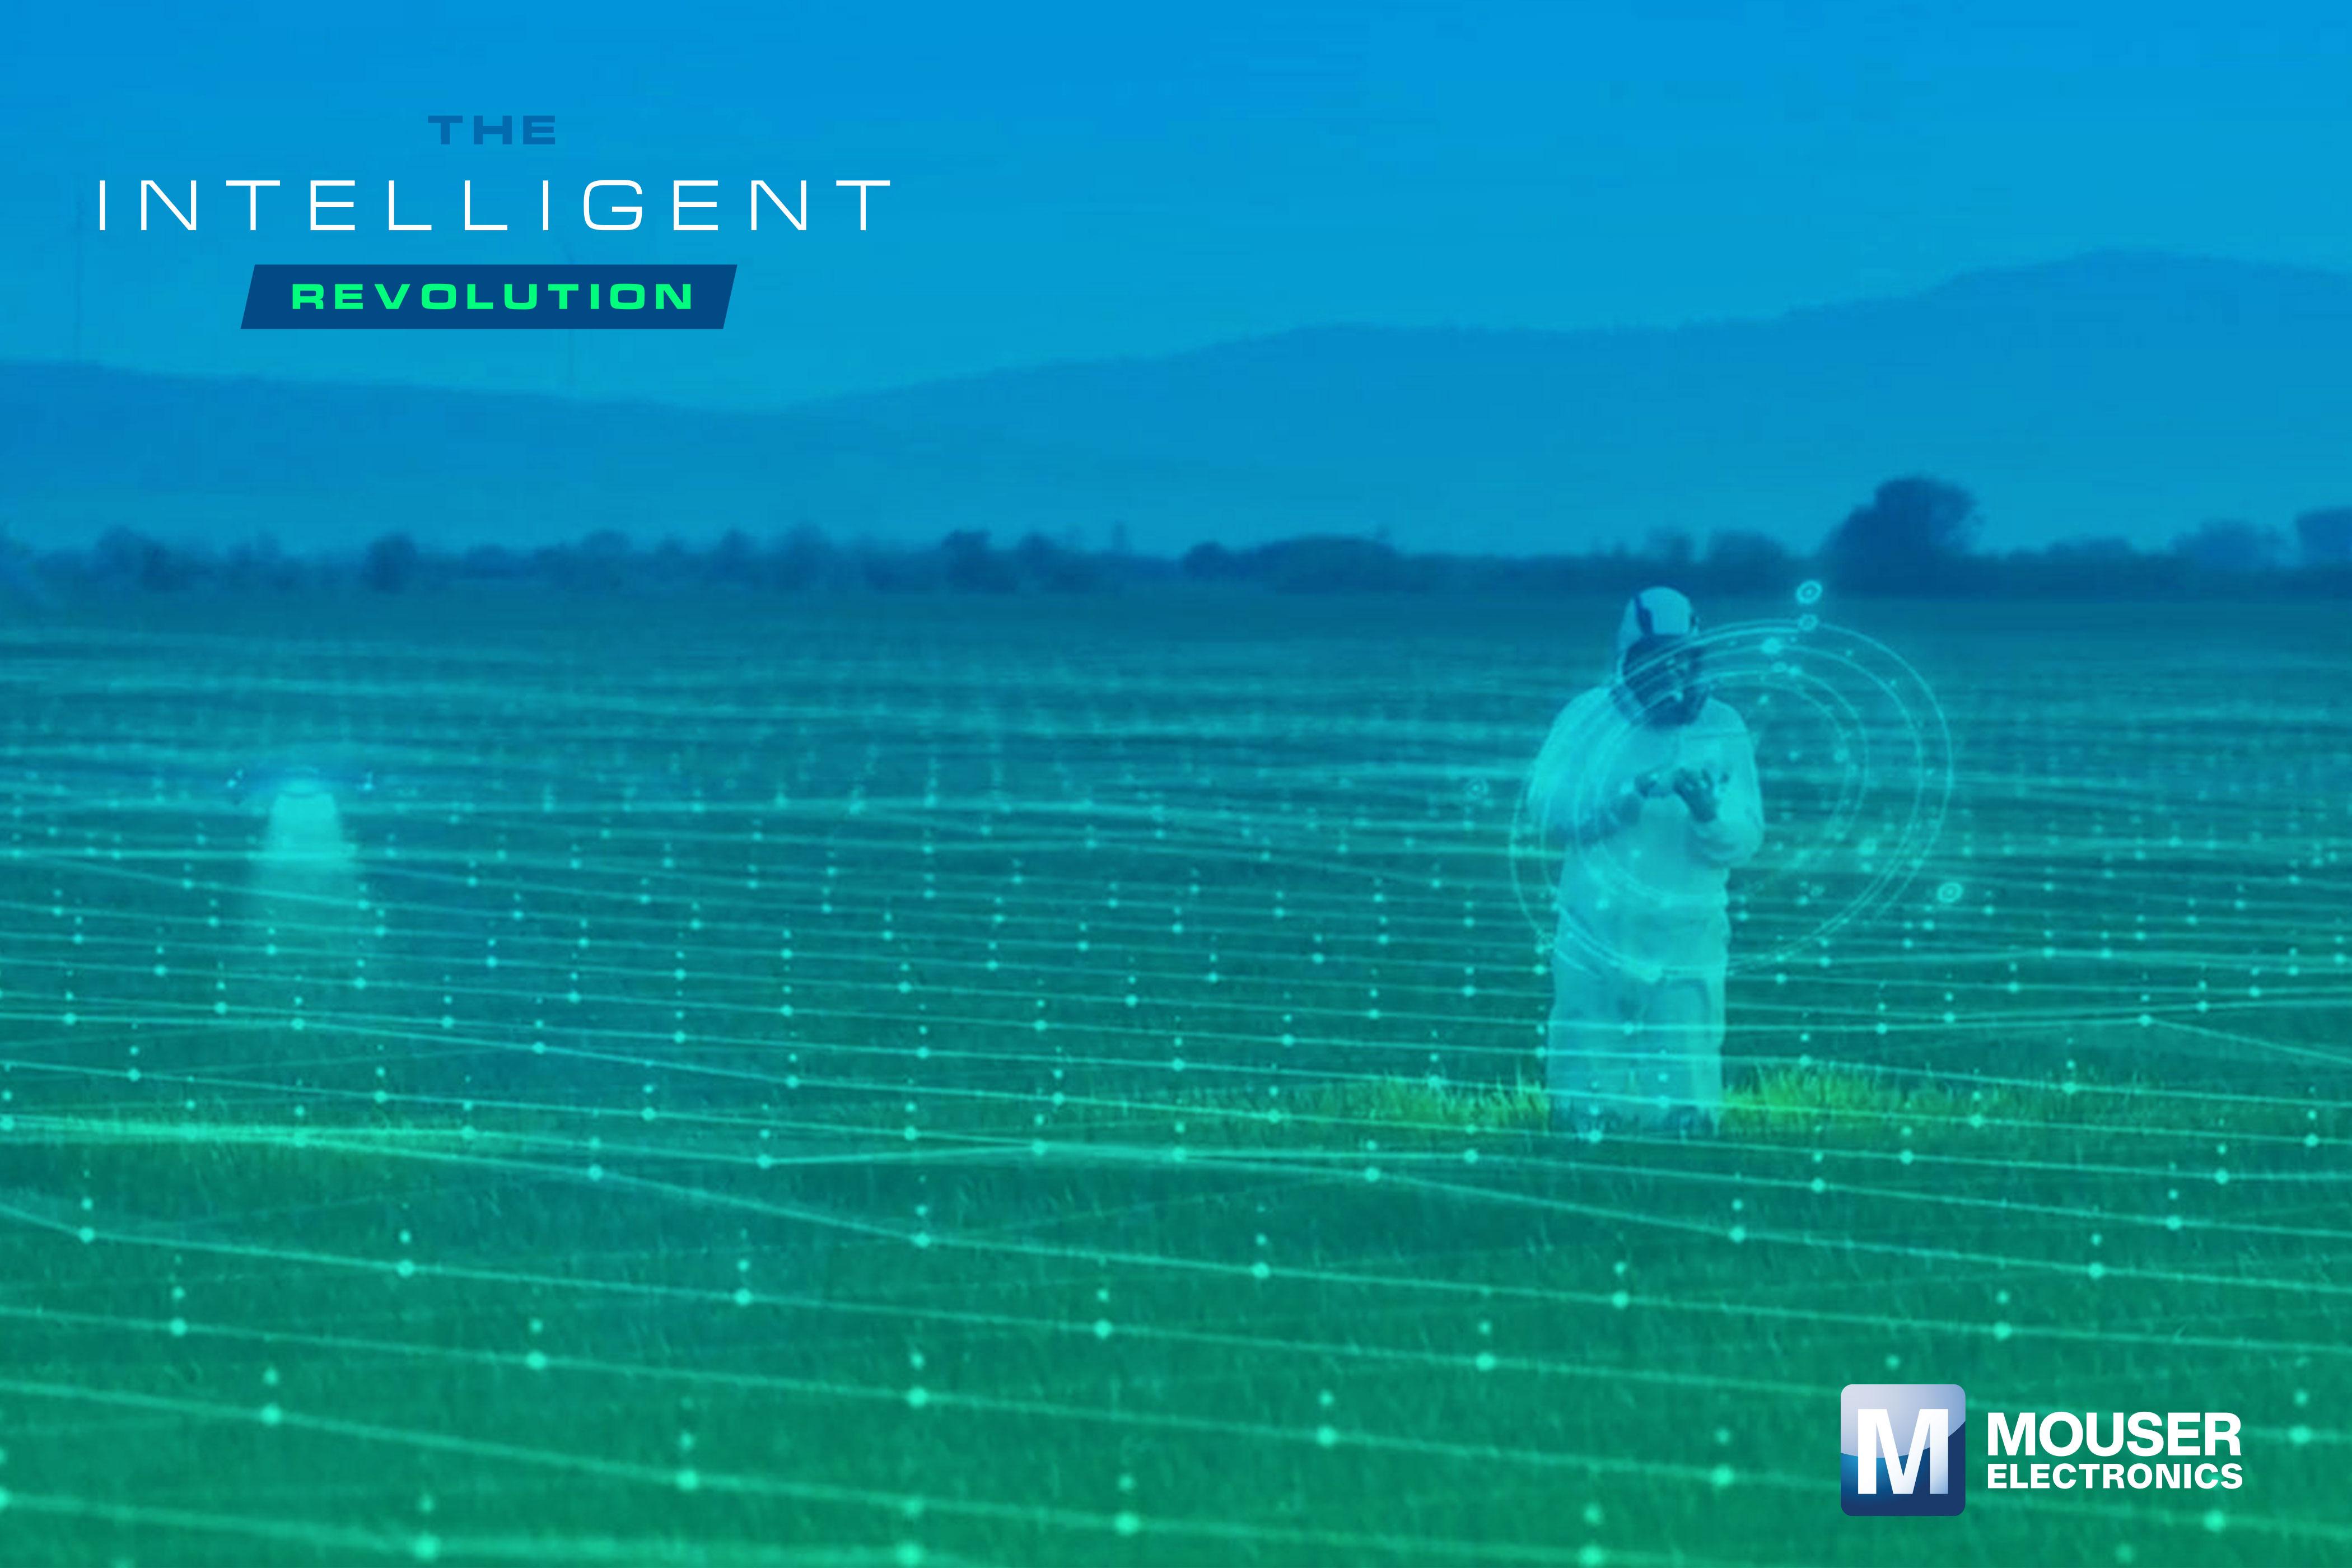 贸泽电子发表智能革命系列  探讨AI人道应用的最新电子书